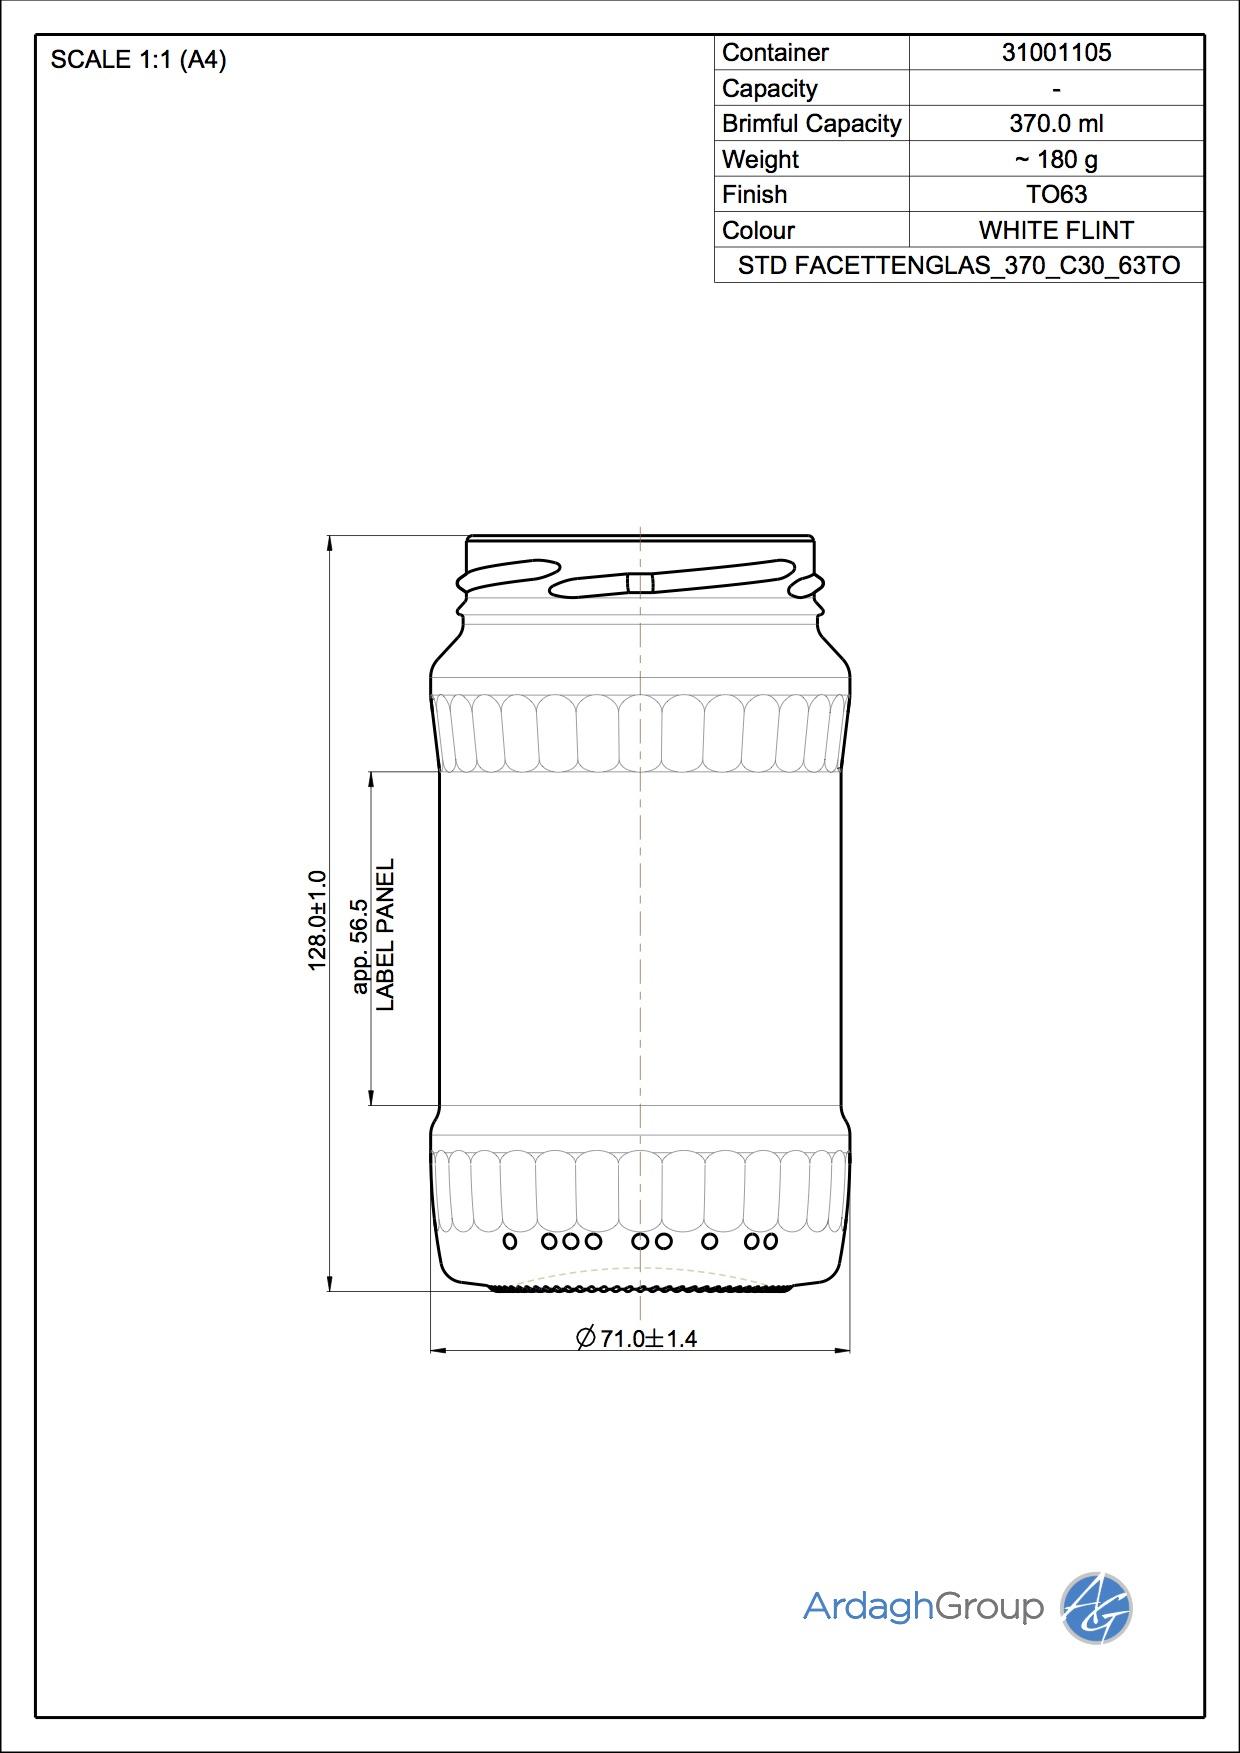 Facettenglas 370 C30 63TO